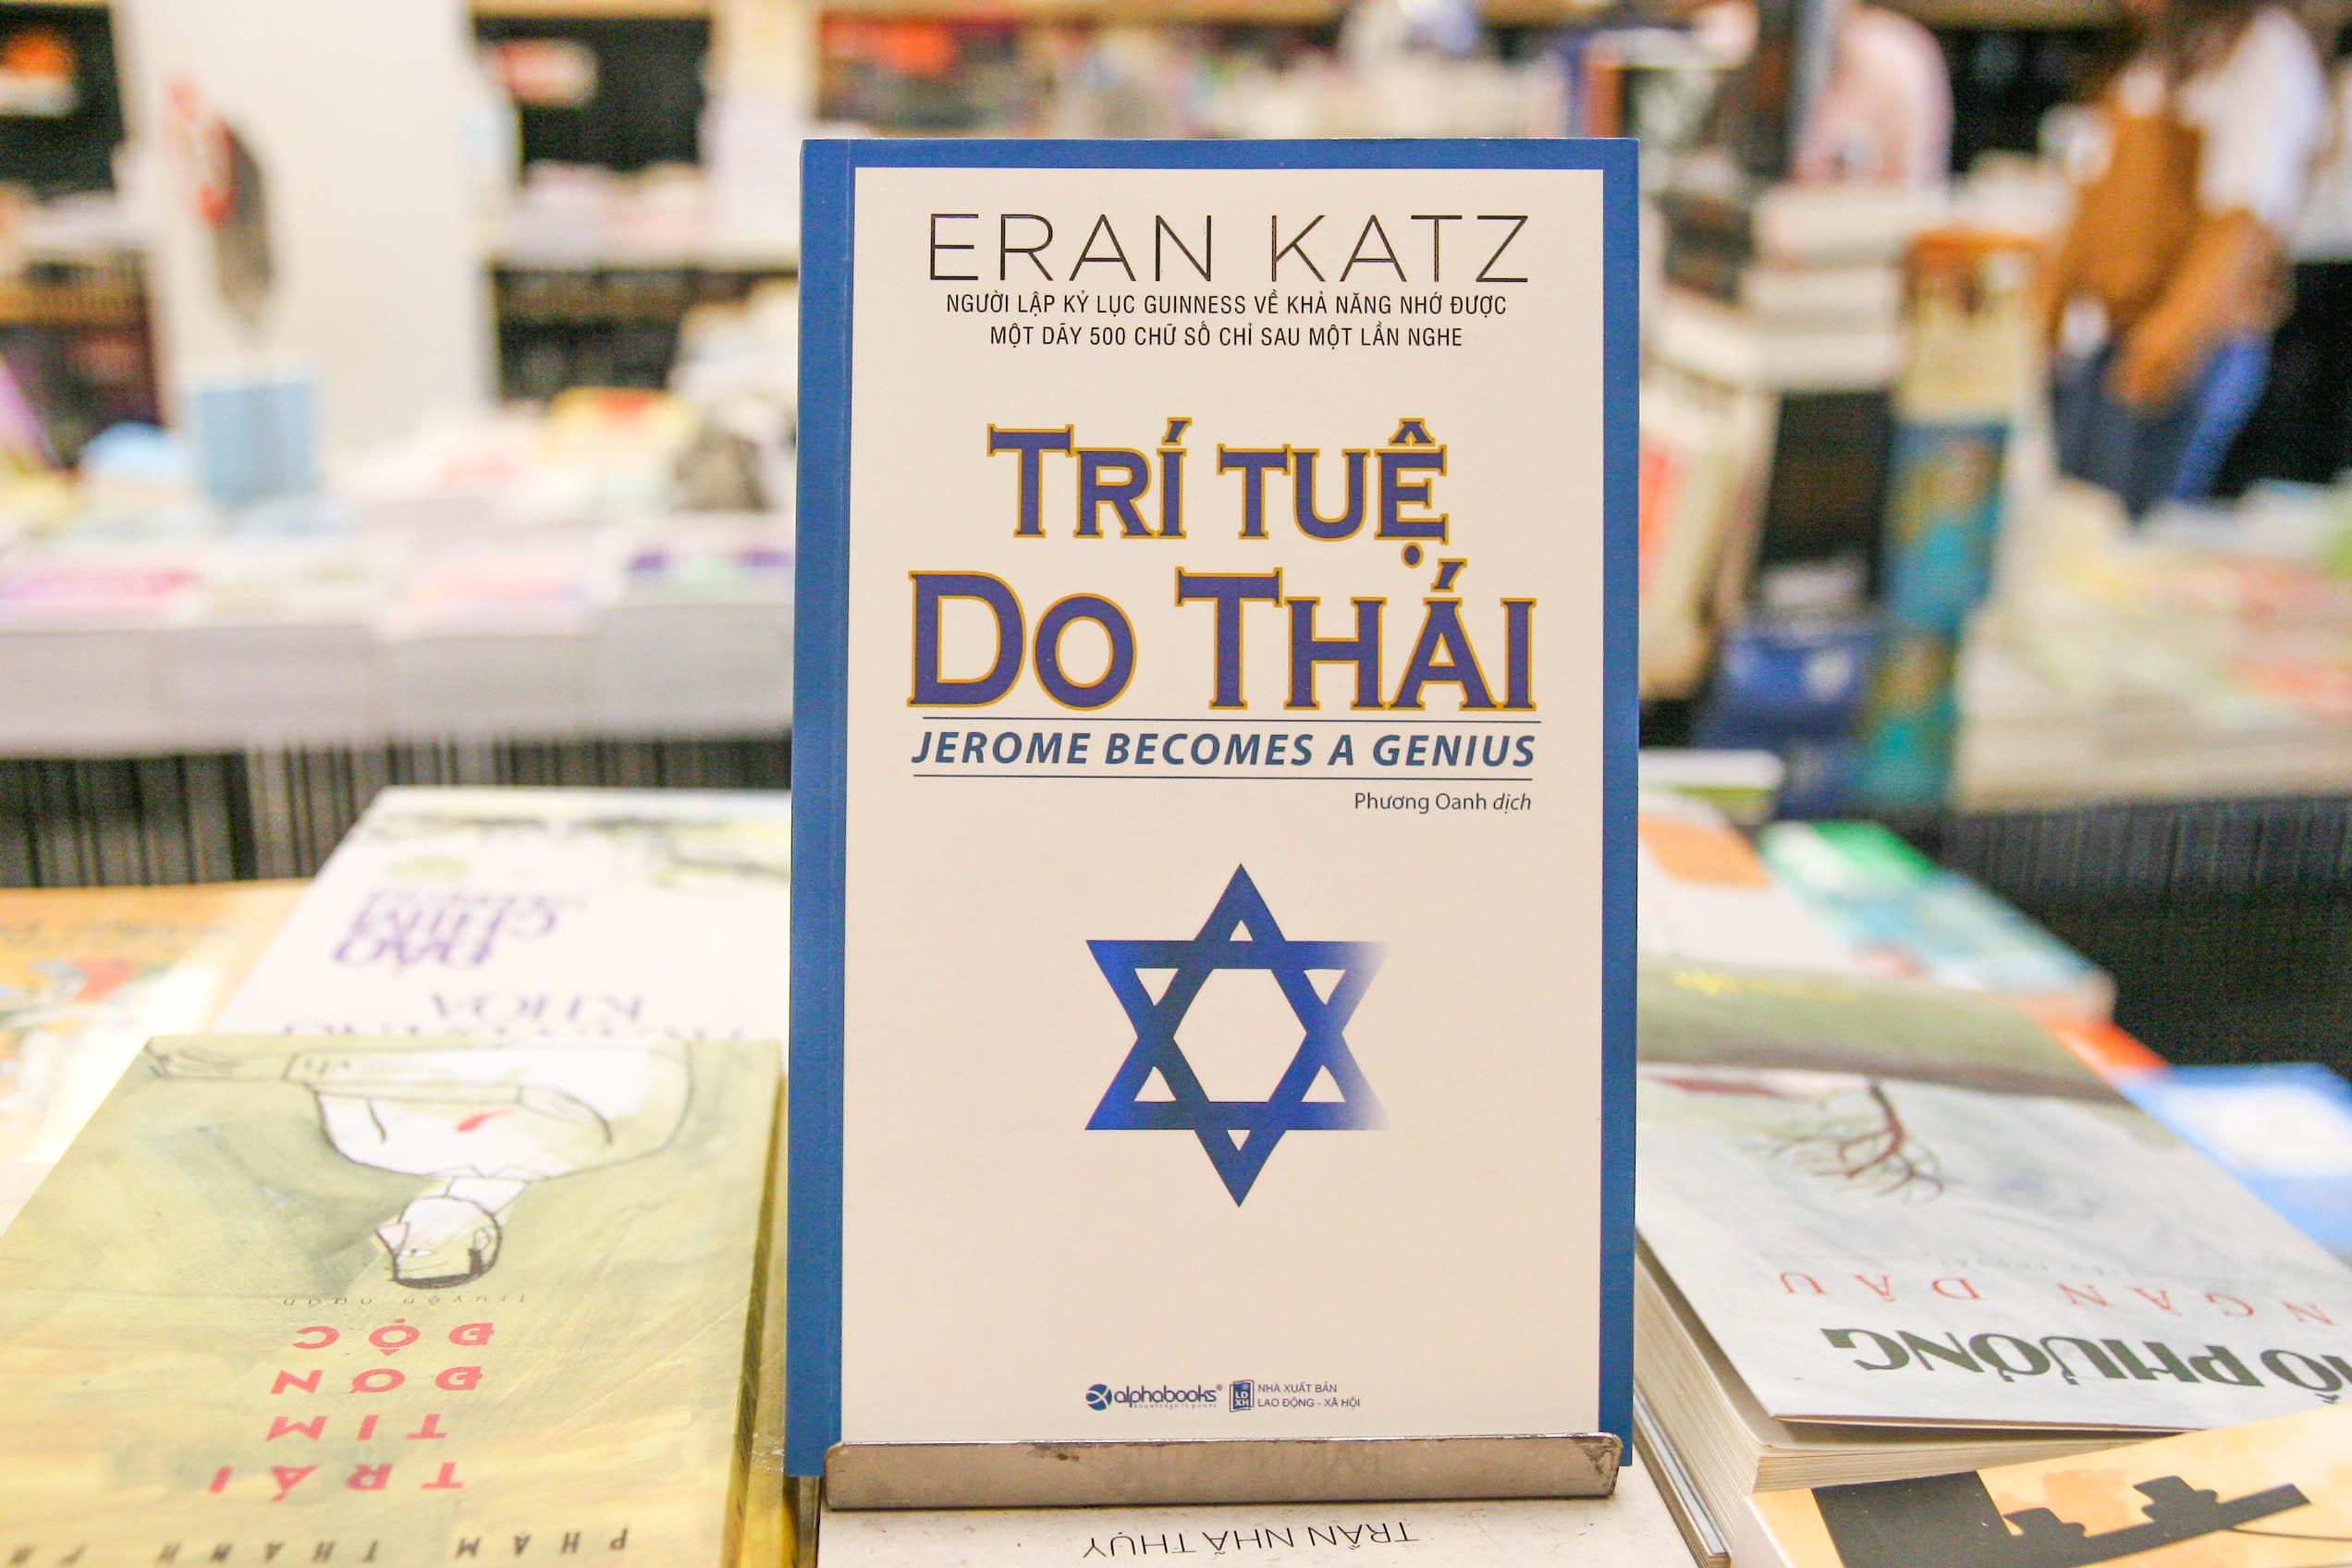 Sách trí tuệ Do Tháibí ẩn con người